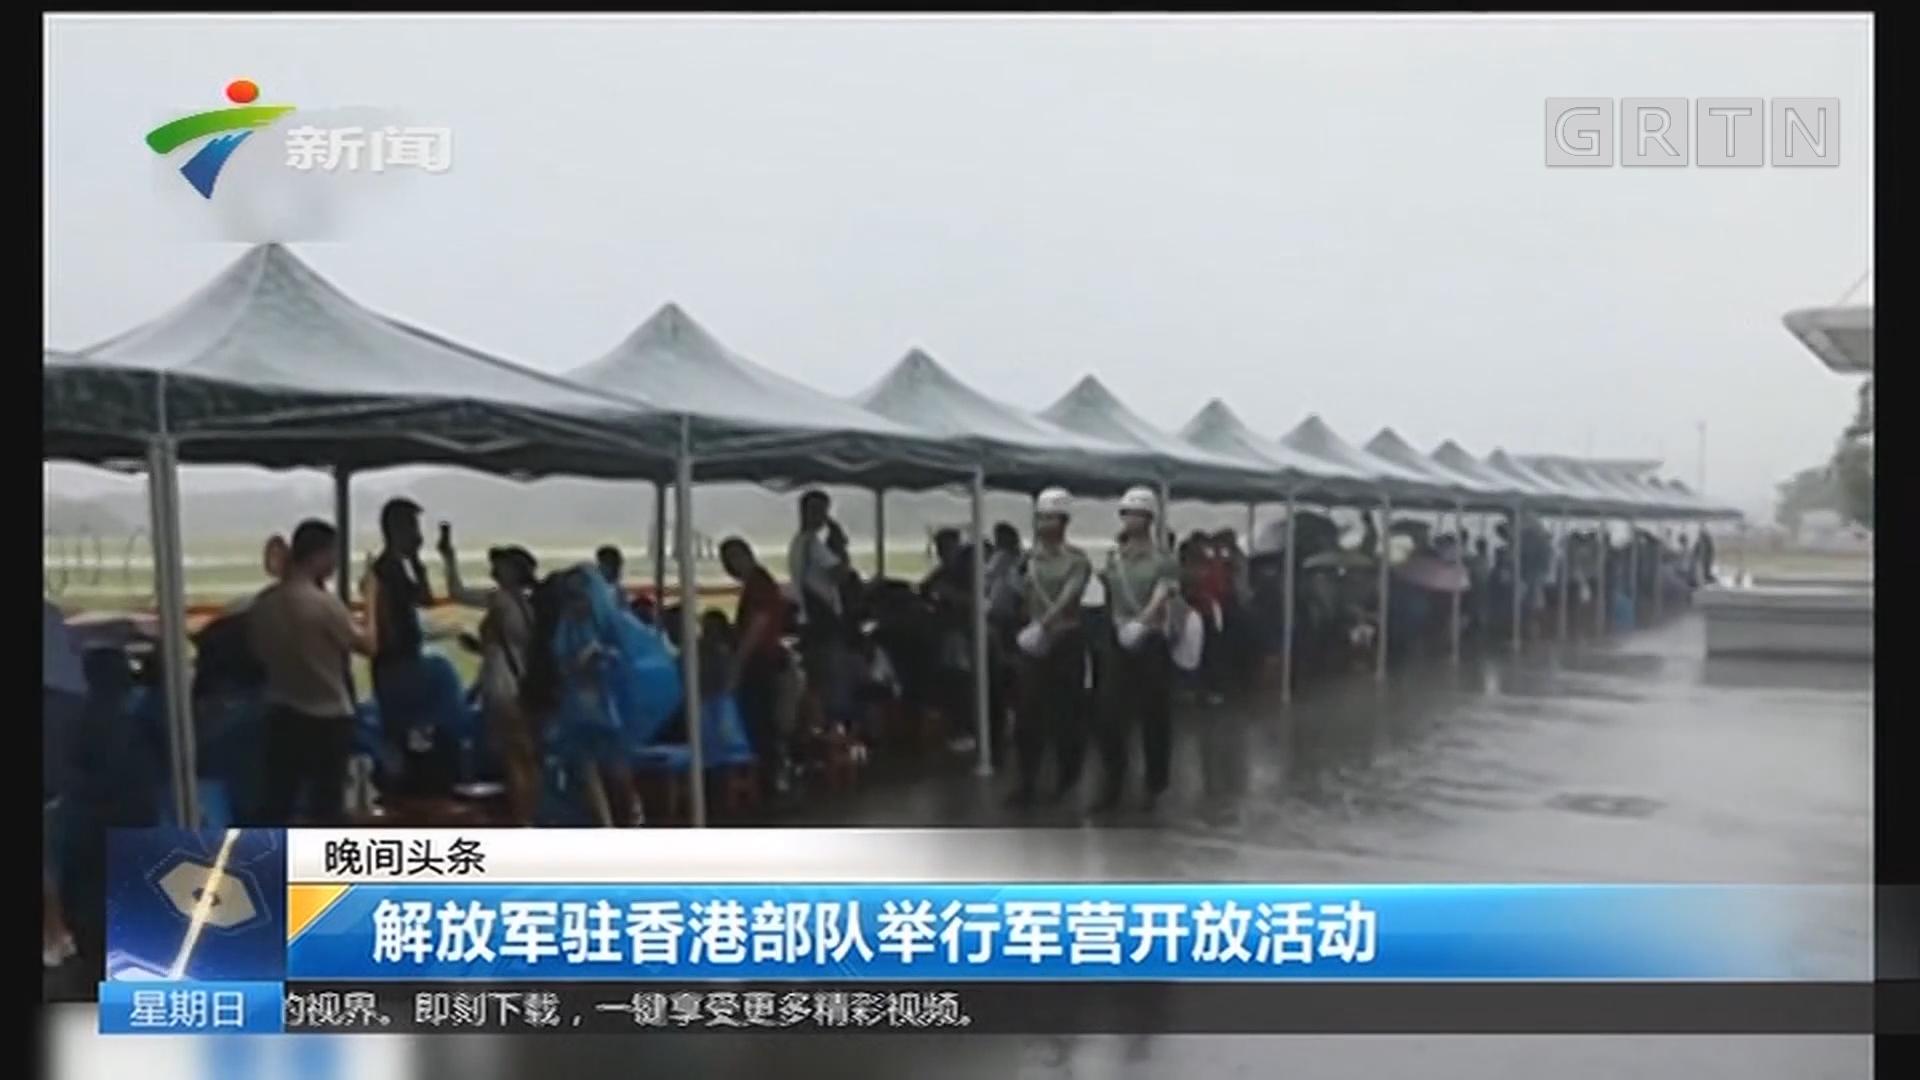 解放军驻香港部队举行军营开放活动